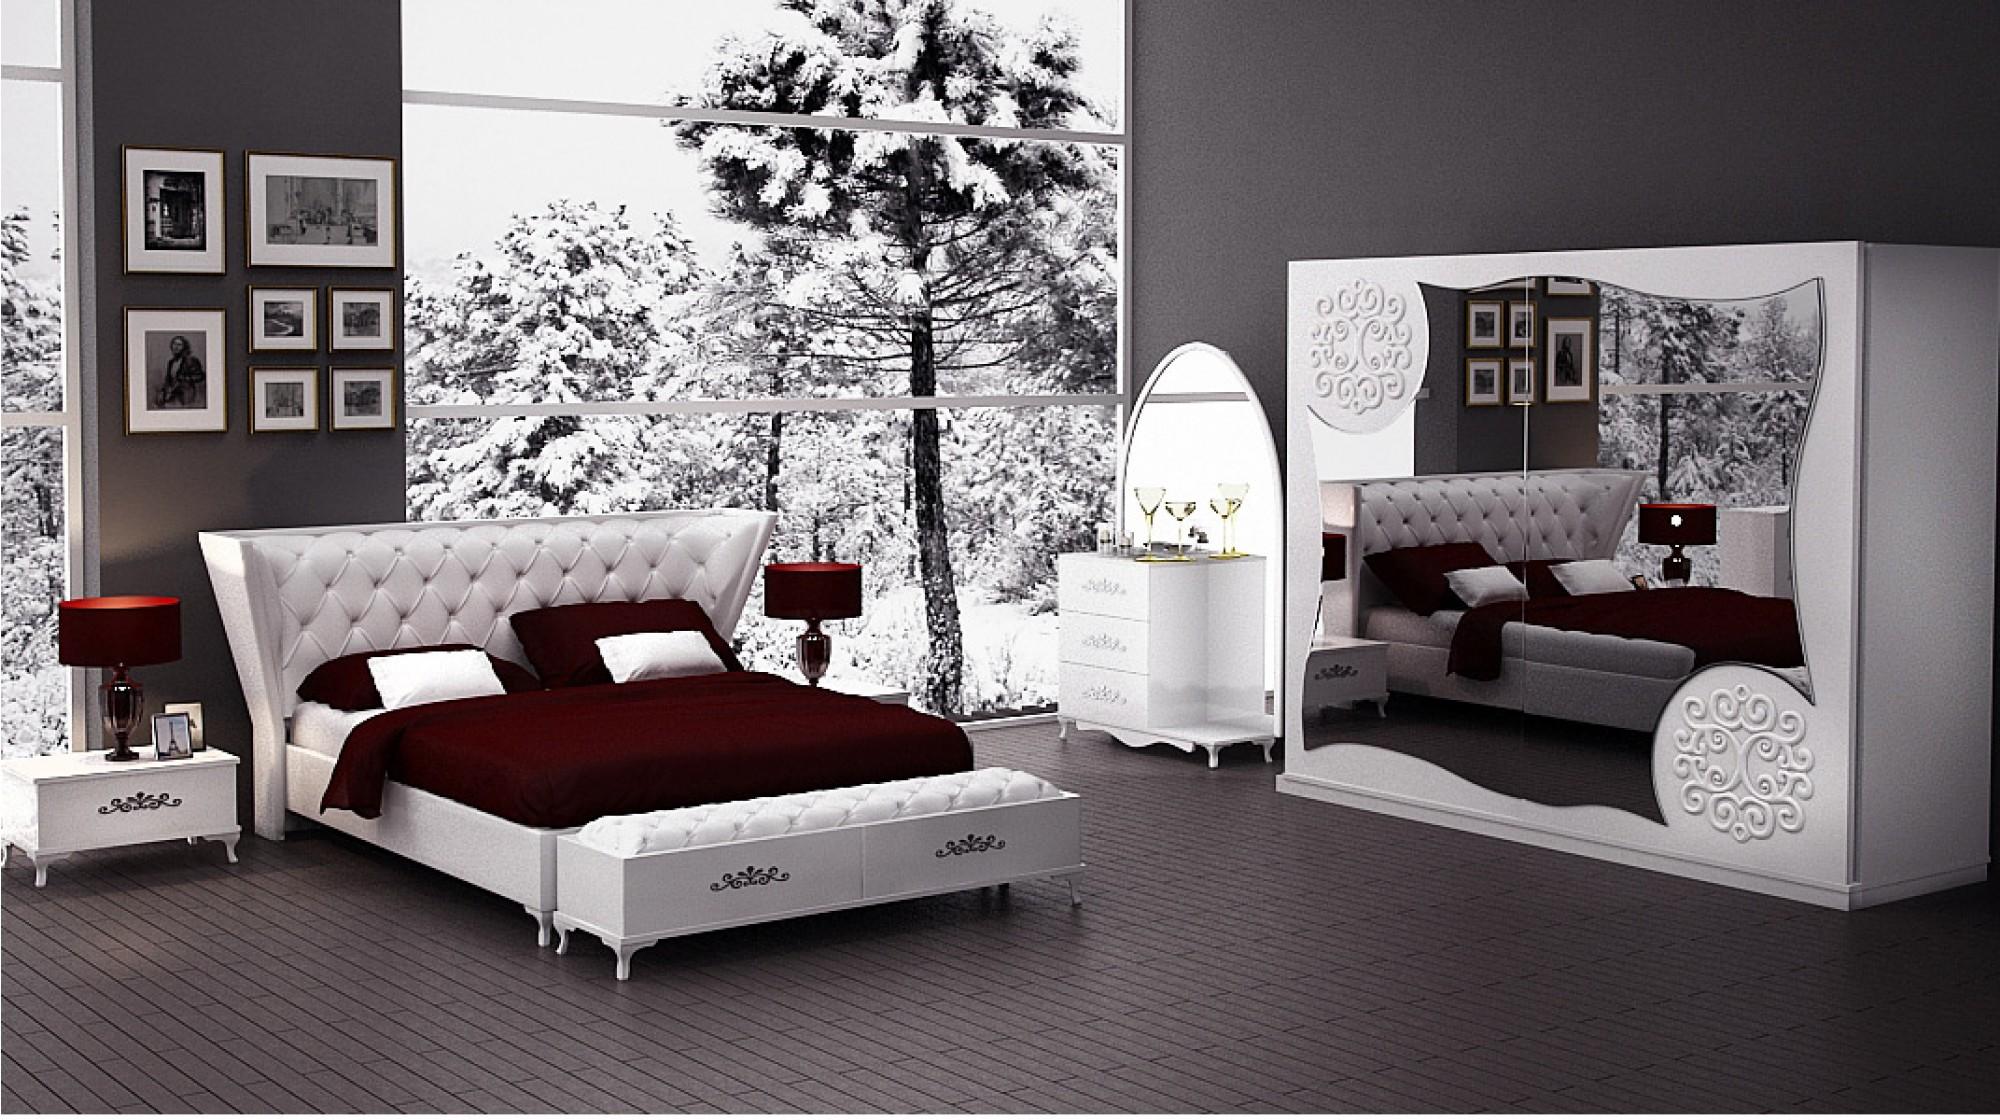 Ana Sayfa / Yatak Odası Takımları / Yuvam Avangarde Yatak Odası ...